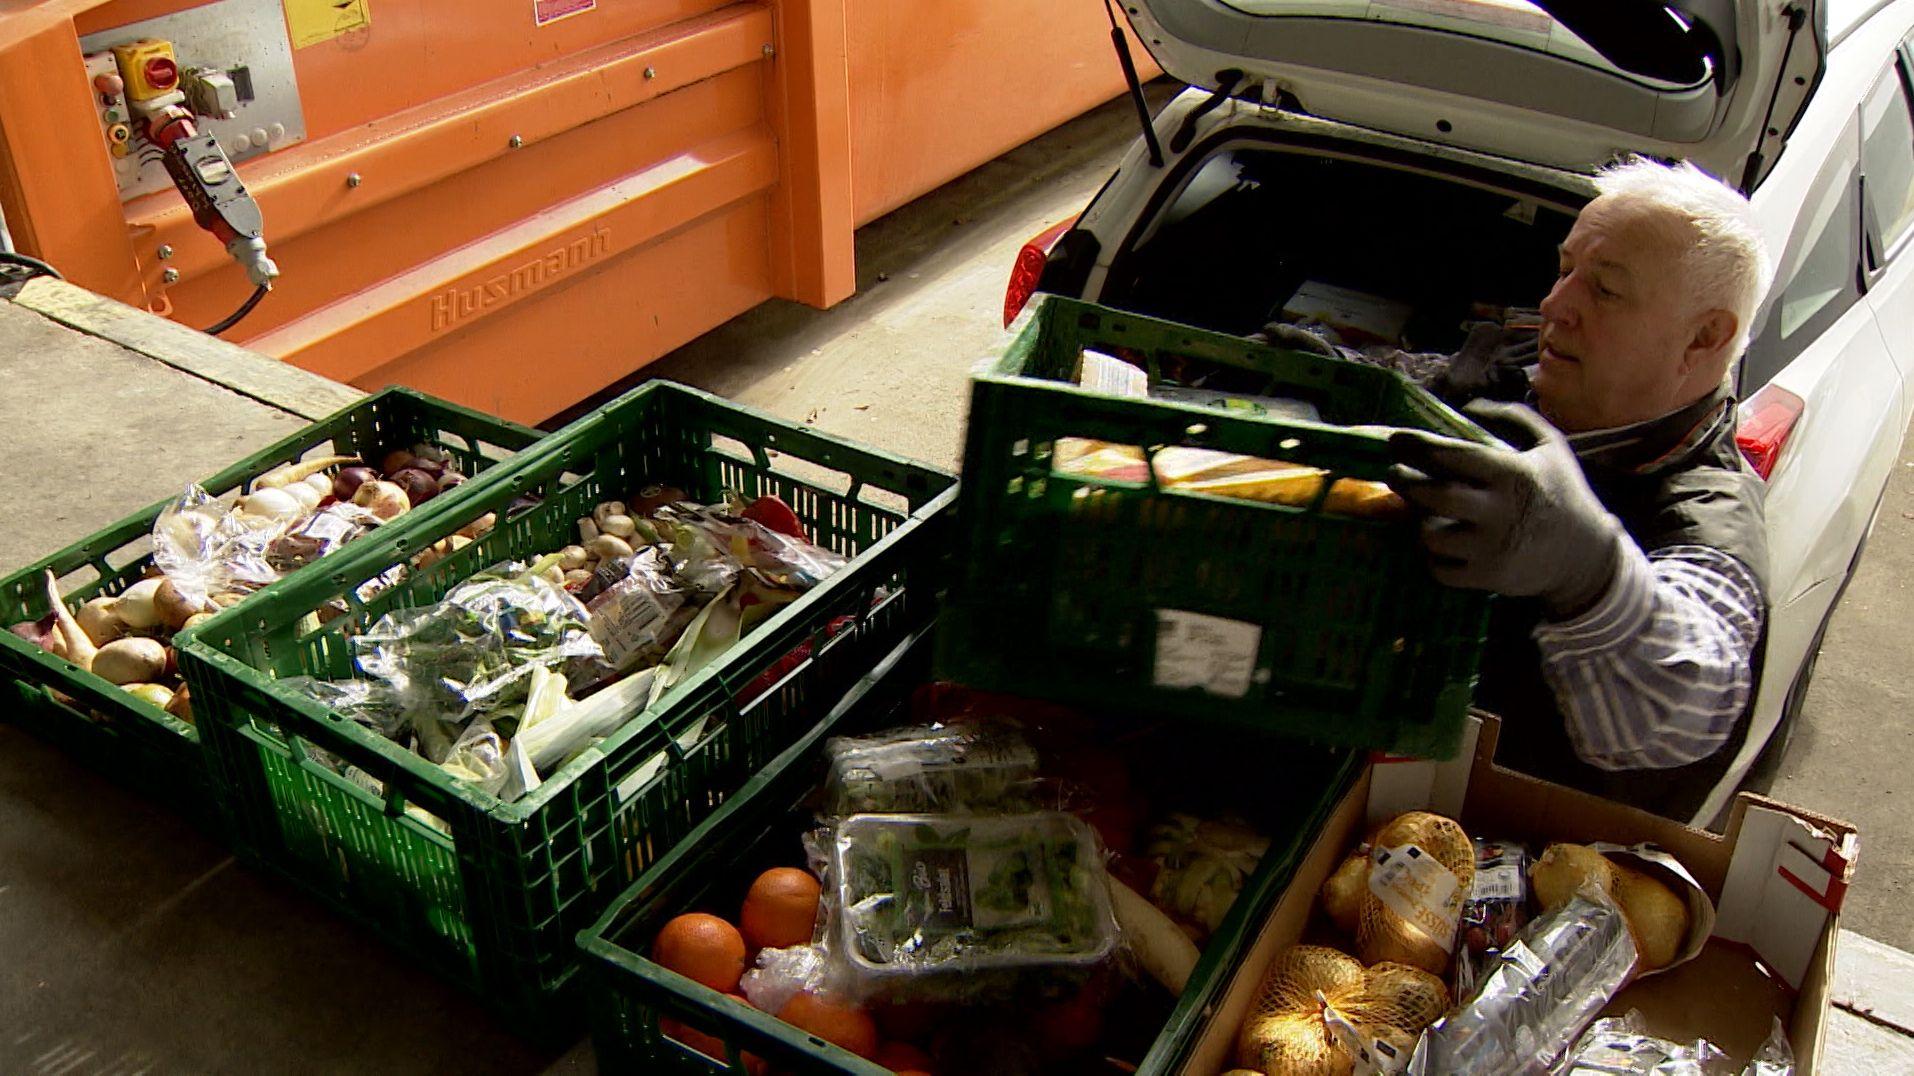 """Jeden Tag landen Tonnen von Lebensmittel, weil nicht rechtzeitig verkauft, auf dem Müll. In Kempten bringen sie die """"Foodsaver"""" lieber in einen Laden für Bedürftige."""